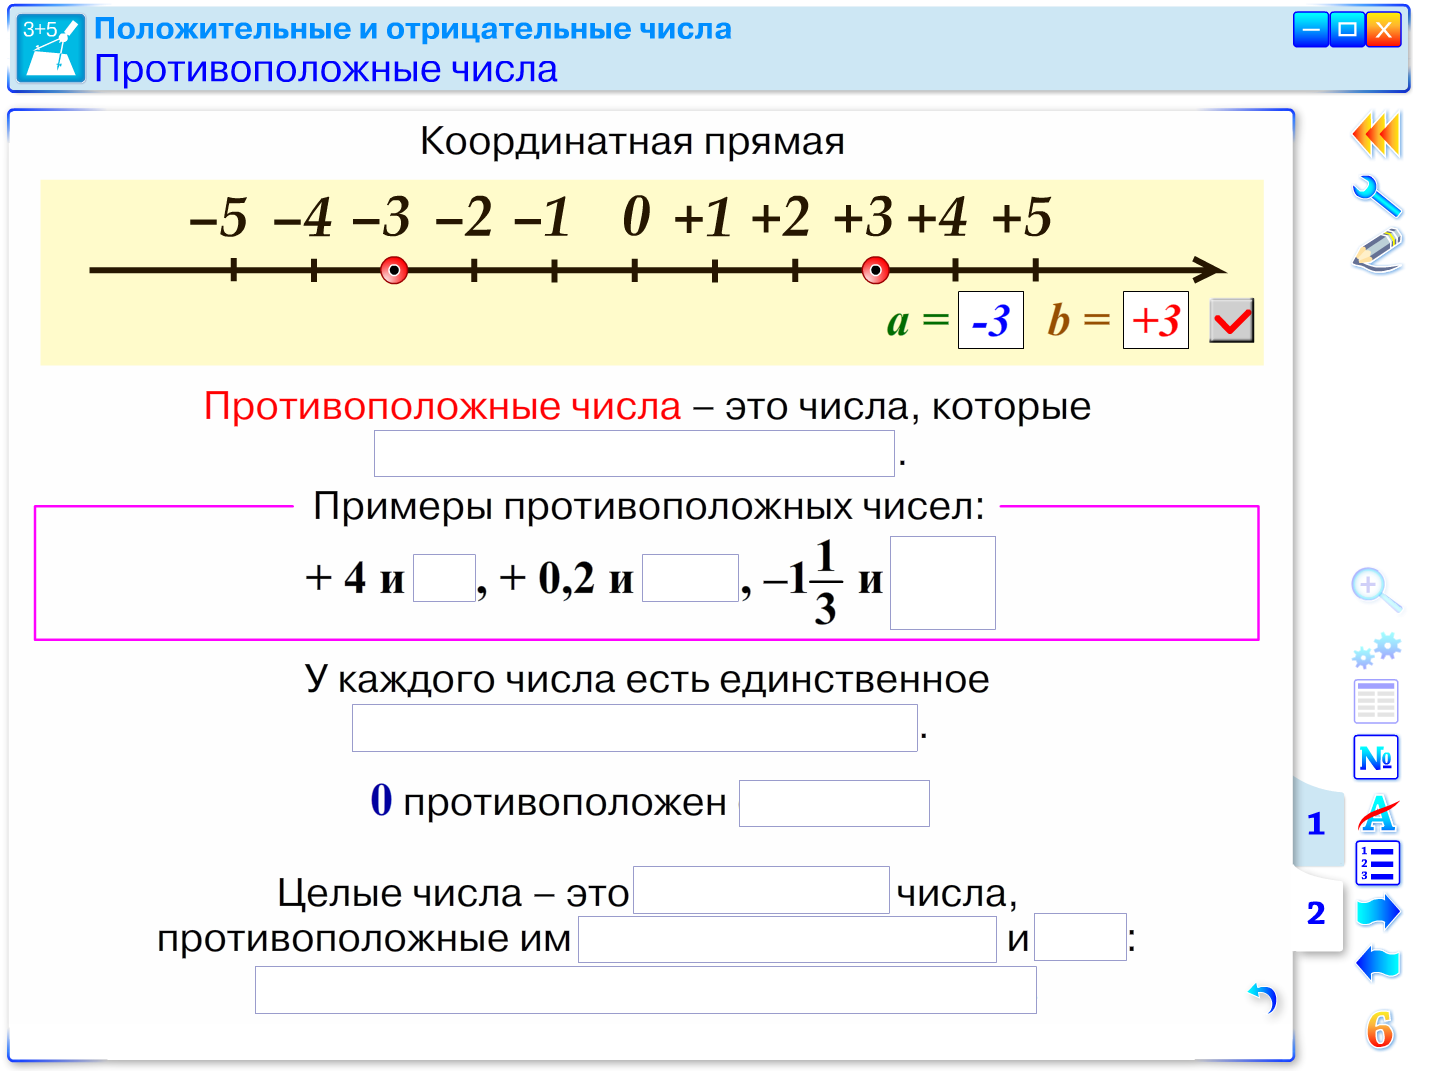 Координатная плоскость: что это такое? как отмечать точки и строить фигуры на координатной плоскости?